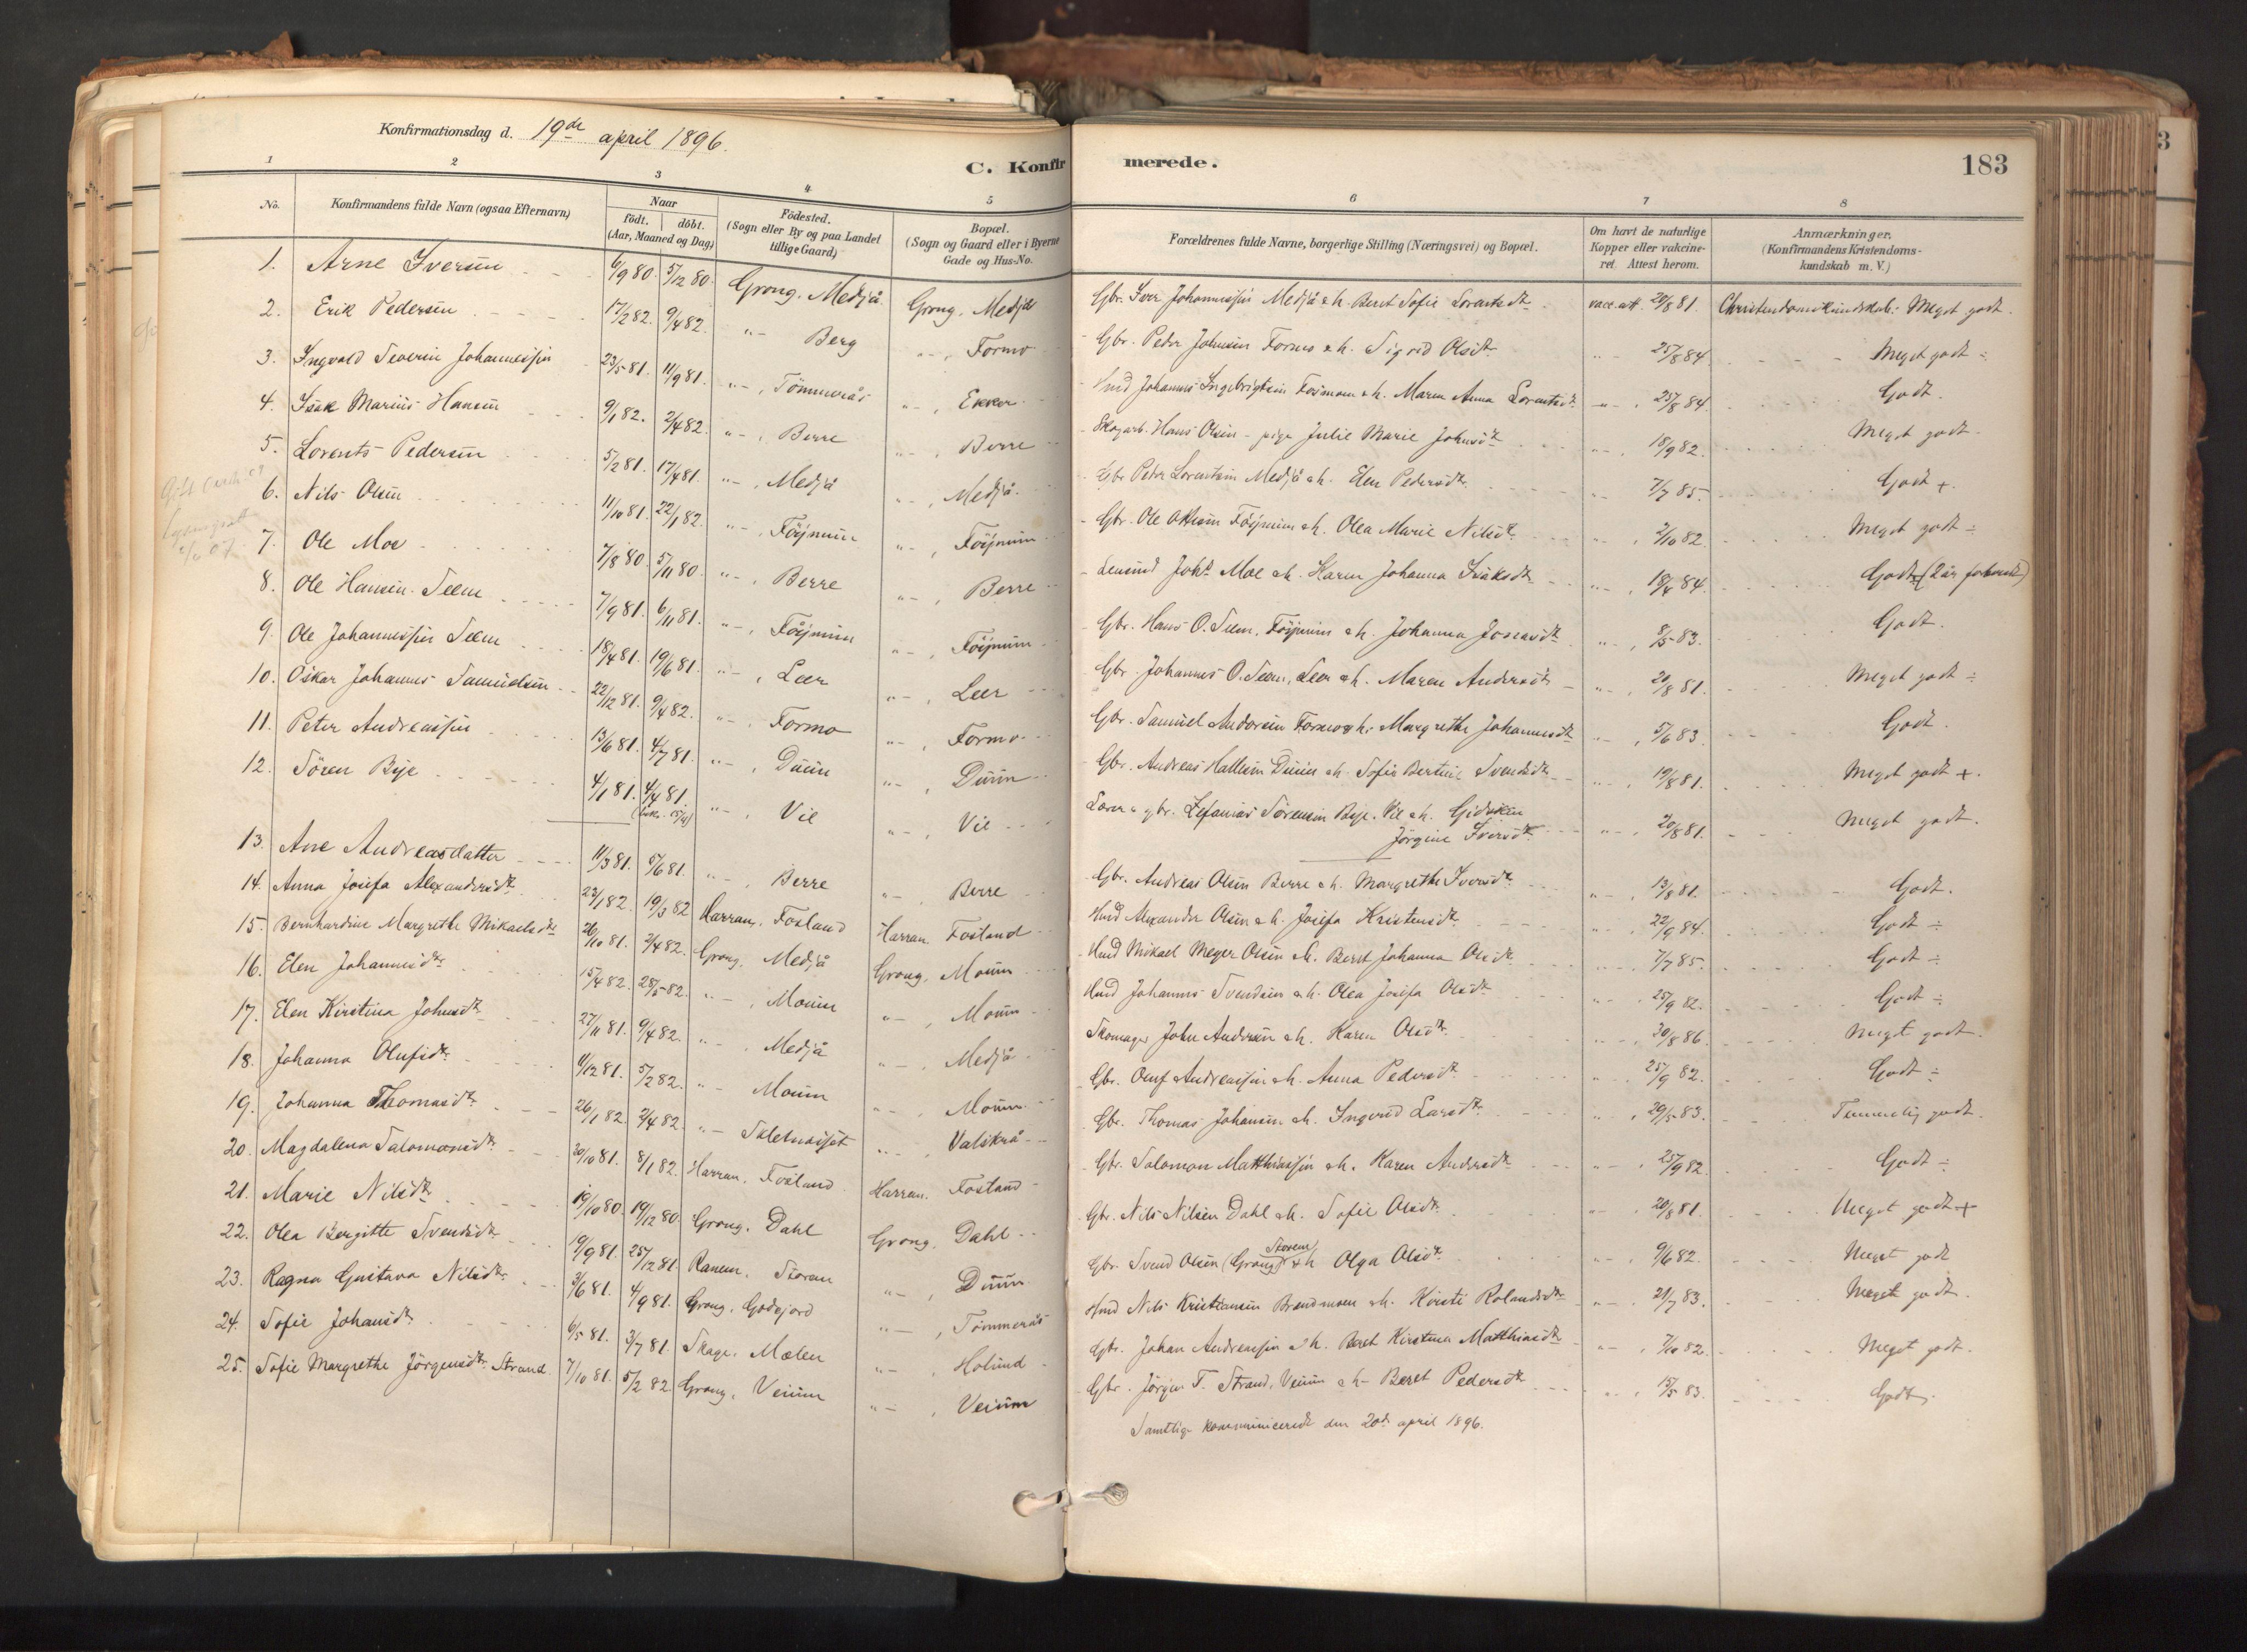 SAT, Ministerialprotokoller, klokkerbøker og fødselsregistre - Nord-Trøndelag, 758/L0519: Ministerialbok nr. 758A04, 1880-1926, s. 183